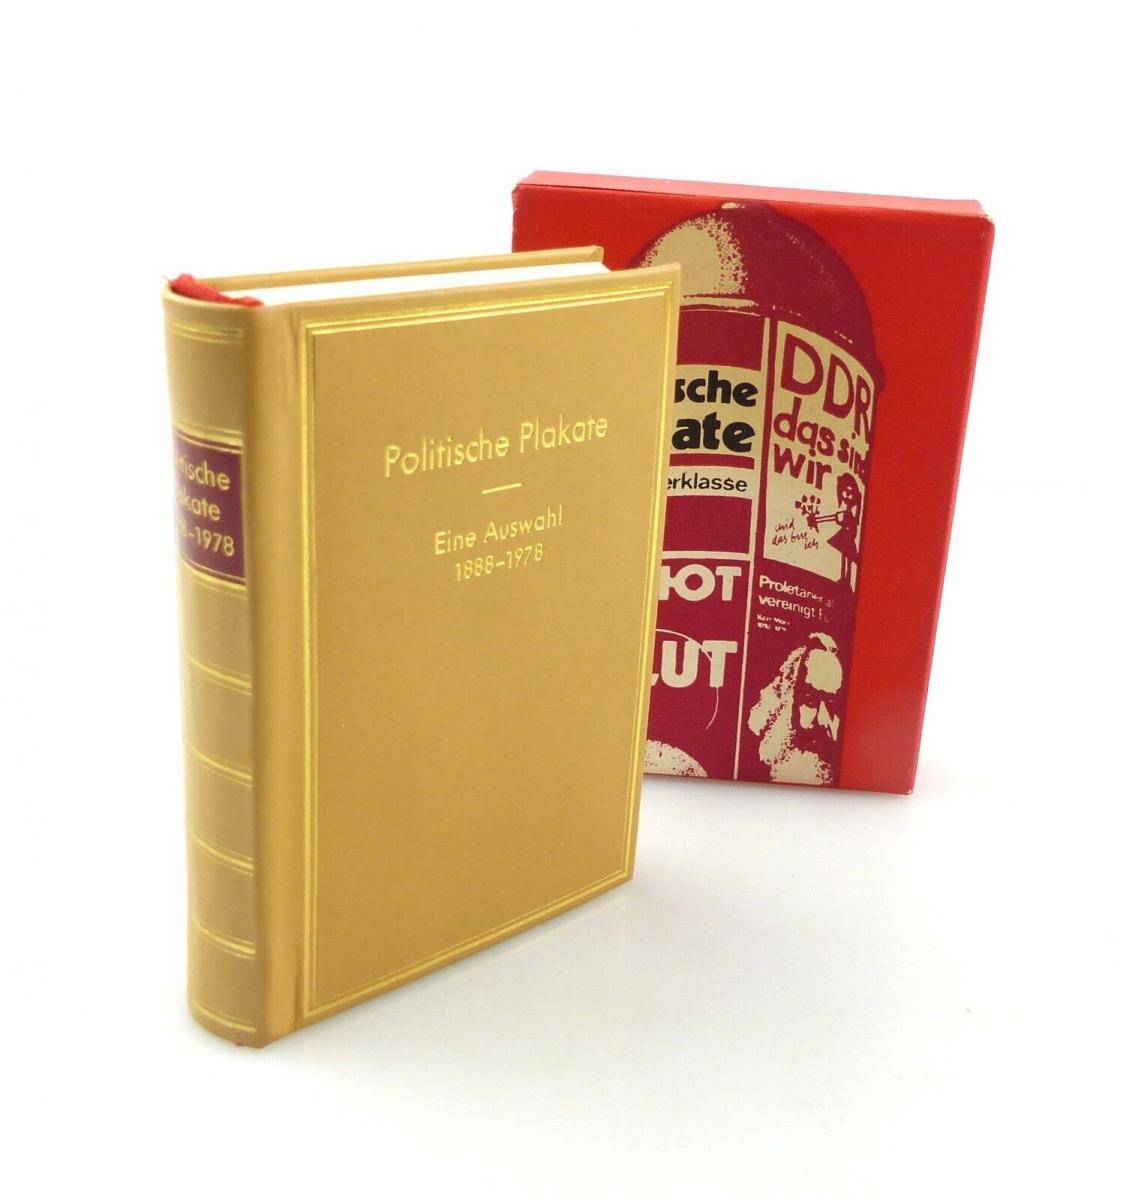 E9205 Minibuch Politische Plakate Eine Auswahl 1888 bis 1978 Auflage 1 von 1979